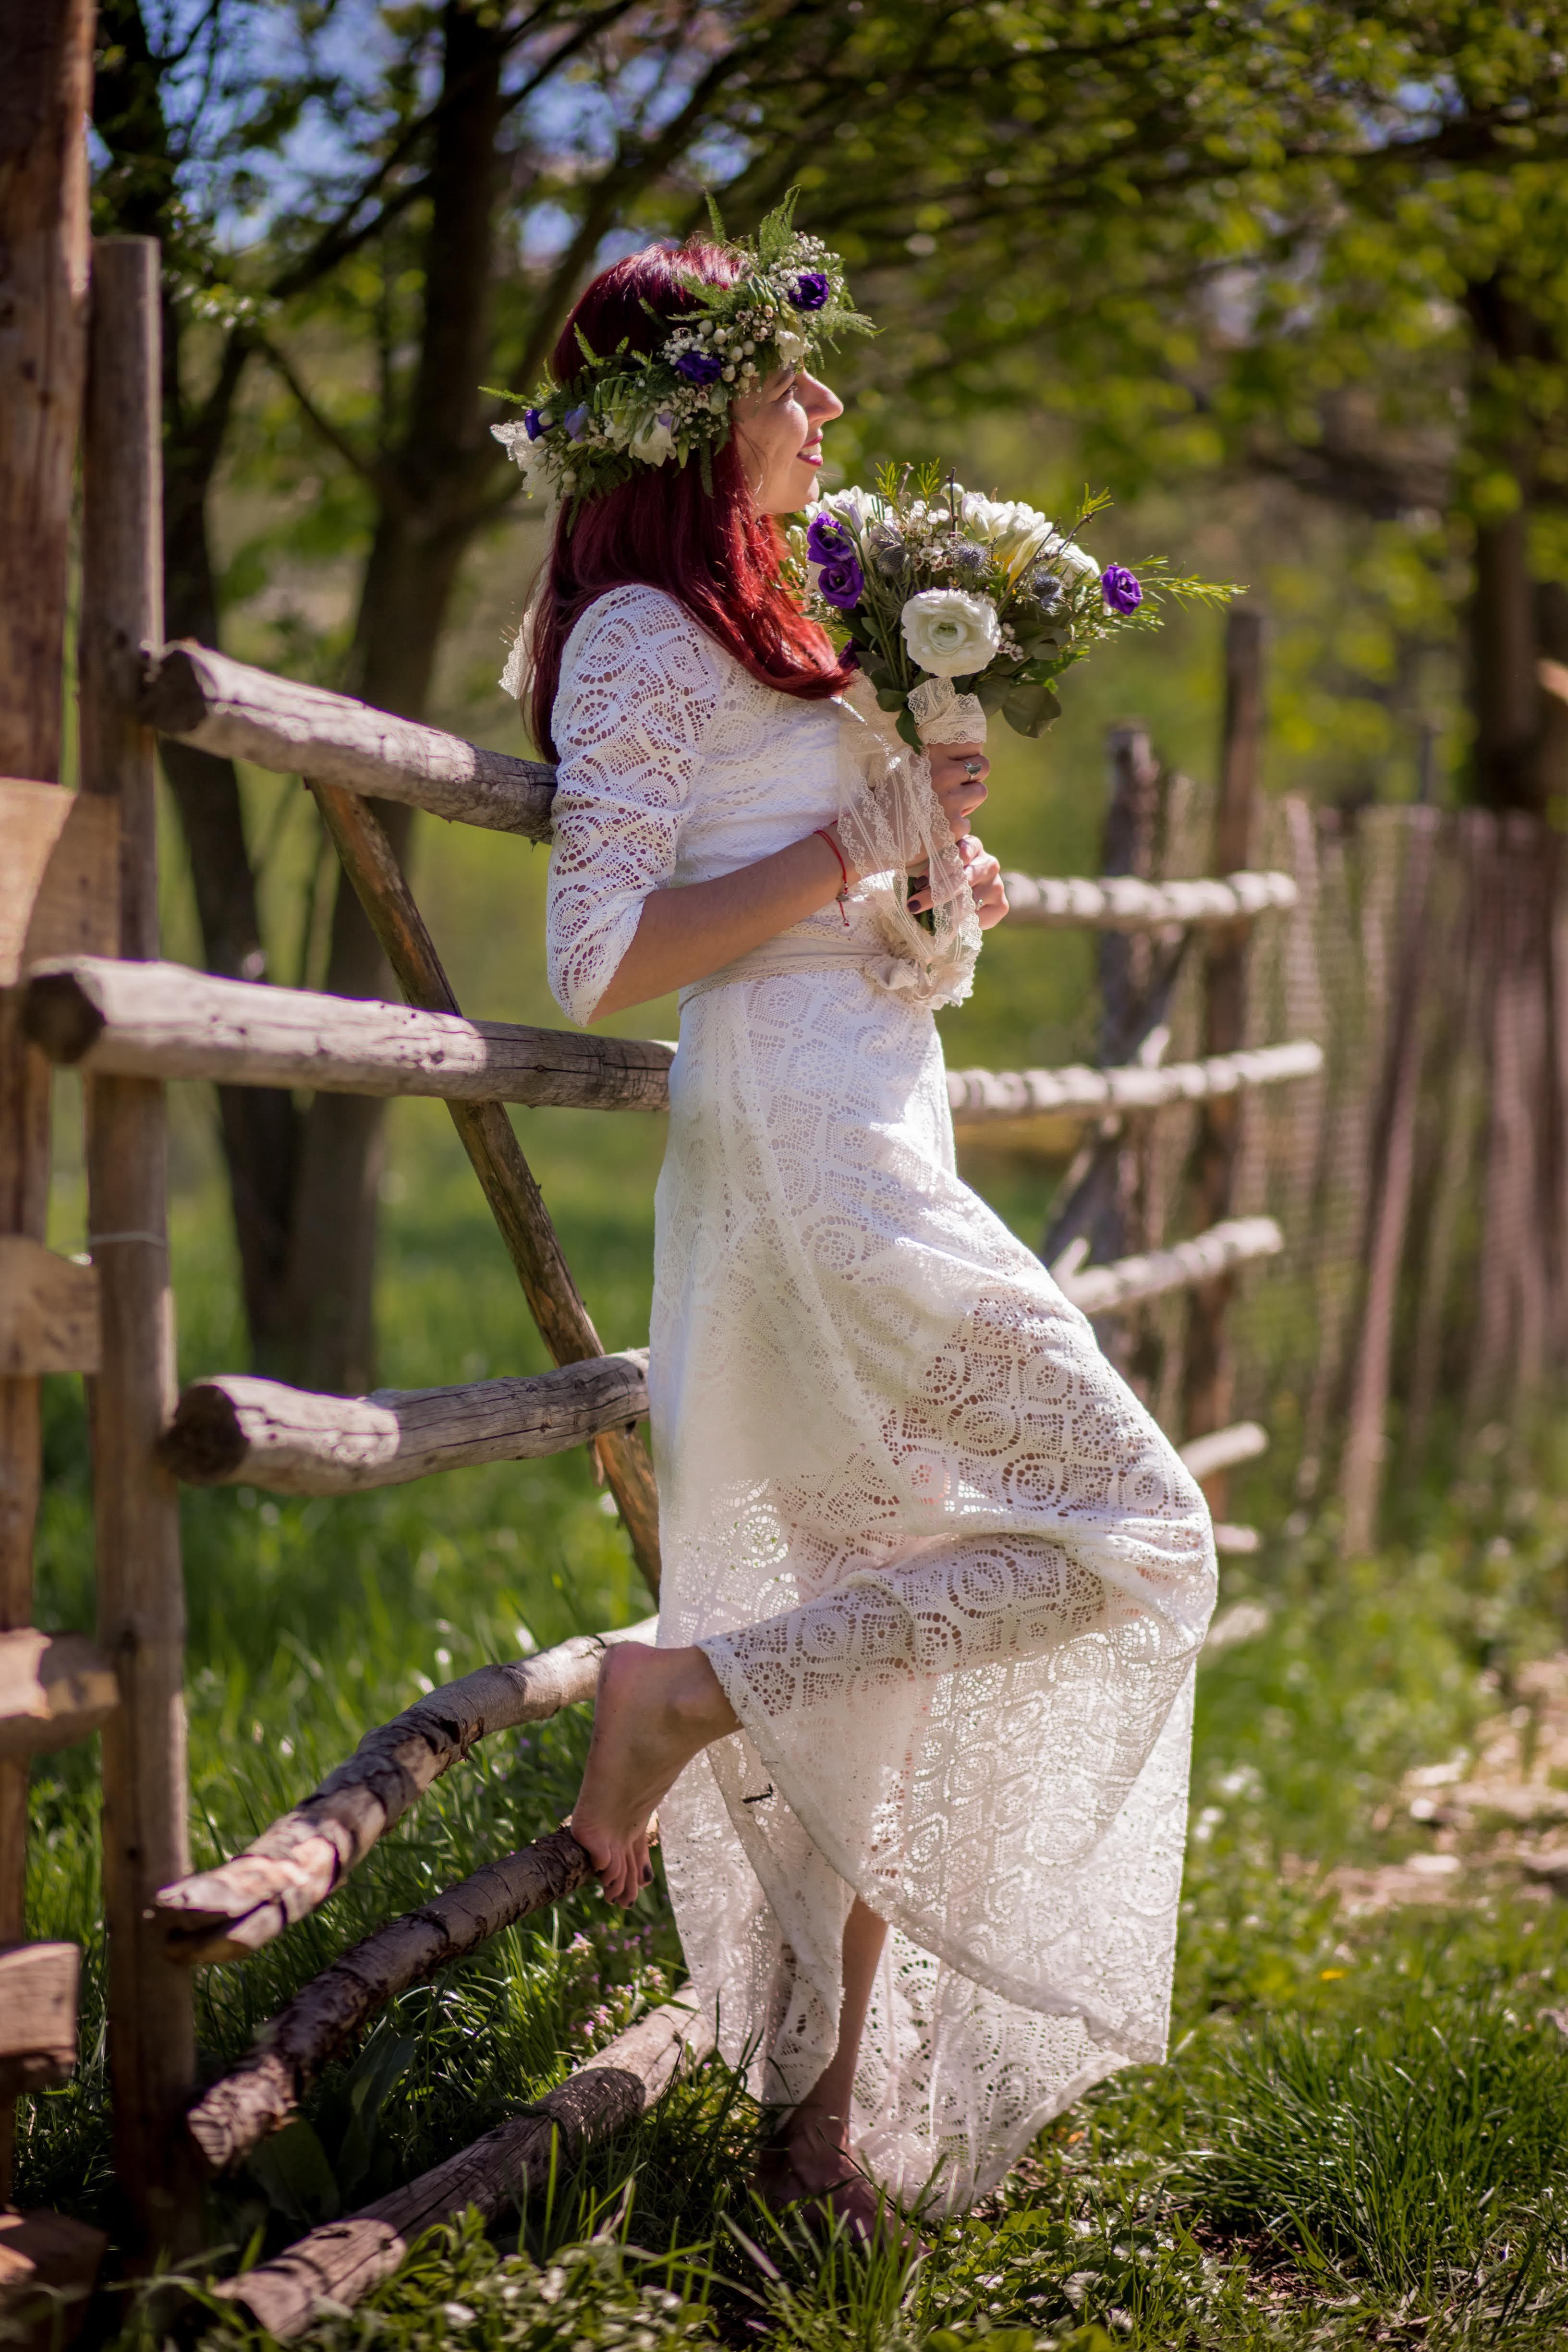 Kostenloses Stock Foto zu blumen, blumenstrauß, frau, hochzeitskleid